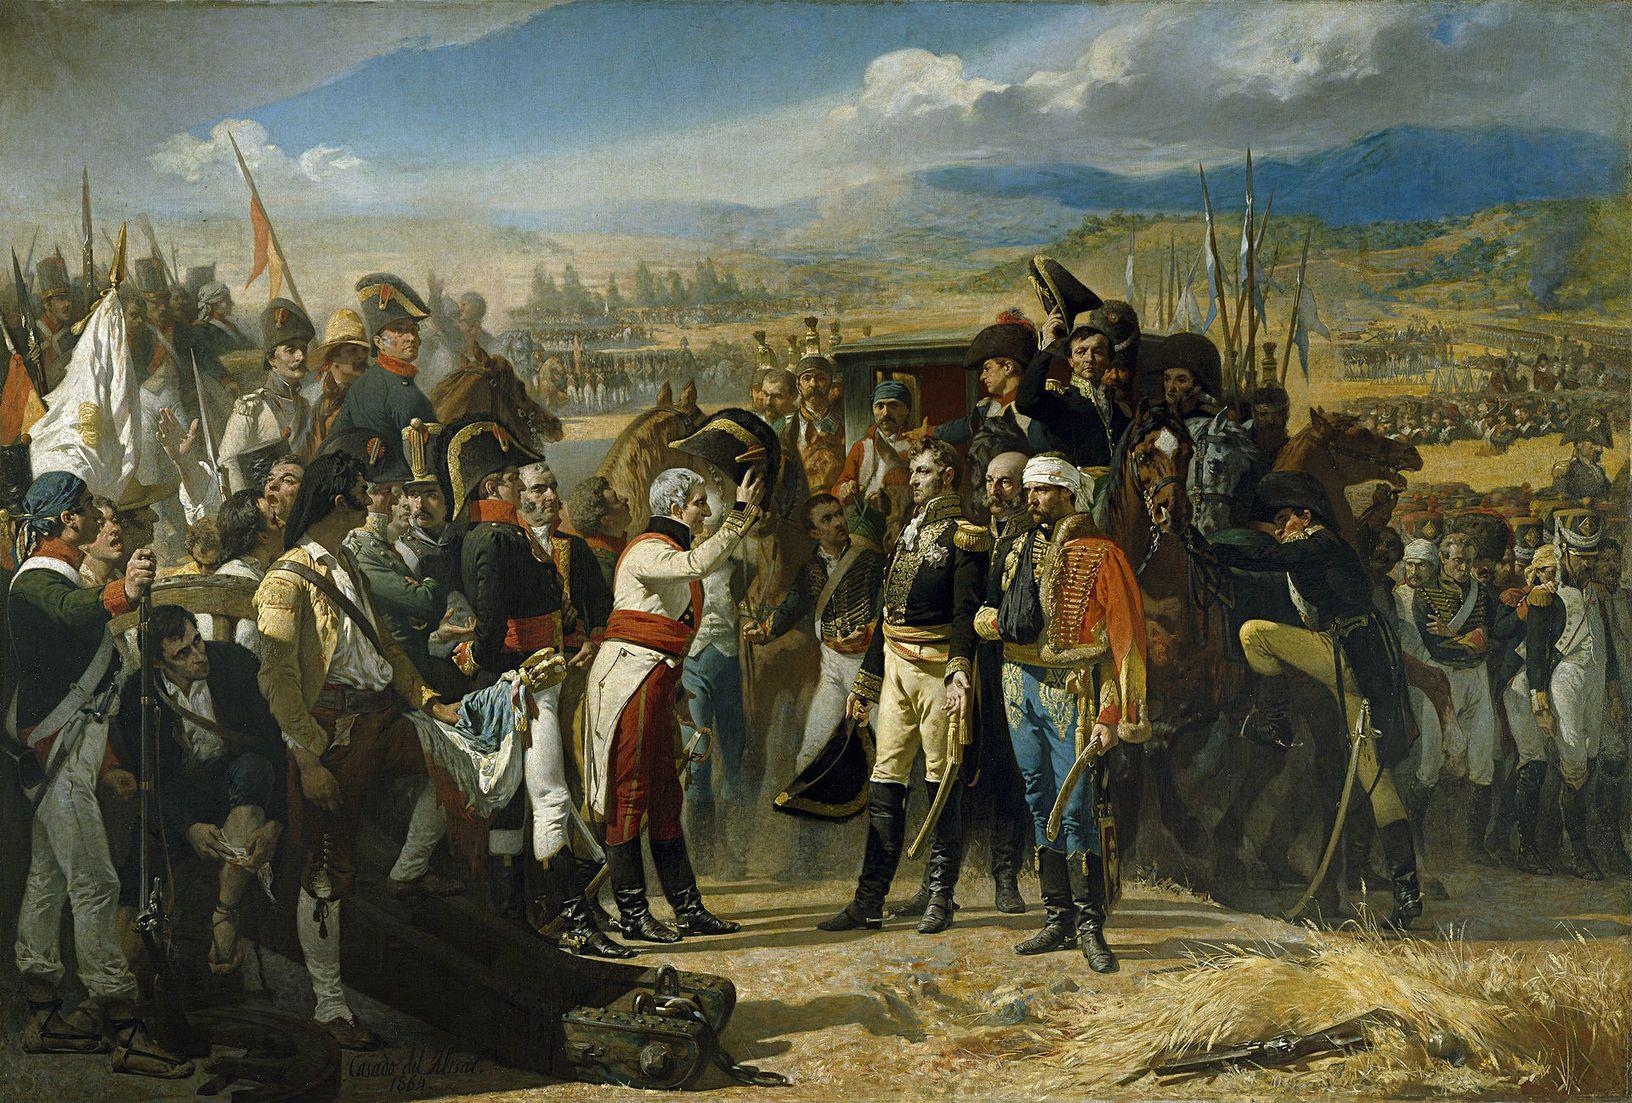 Batalla de Bailén, las heroicas mujeres de Bailén